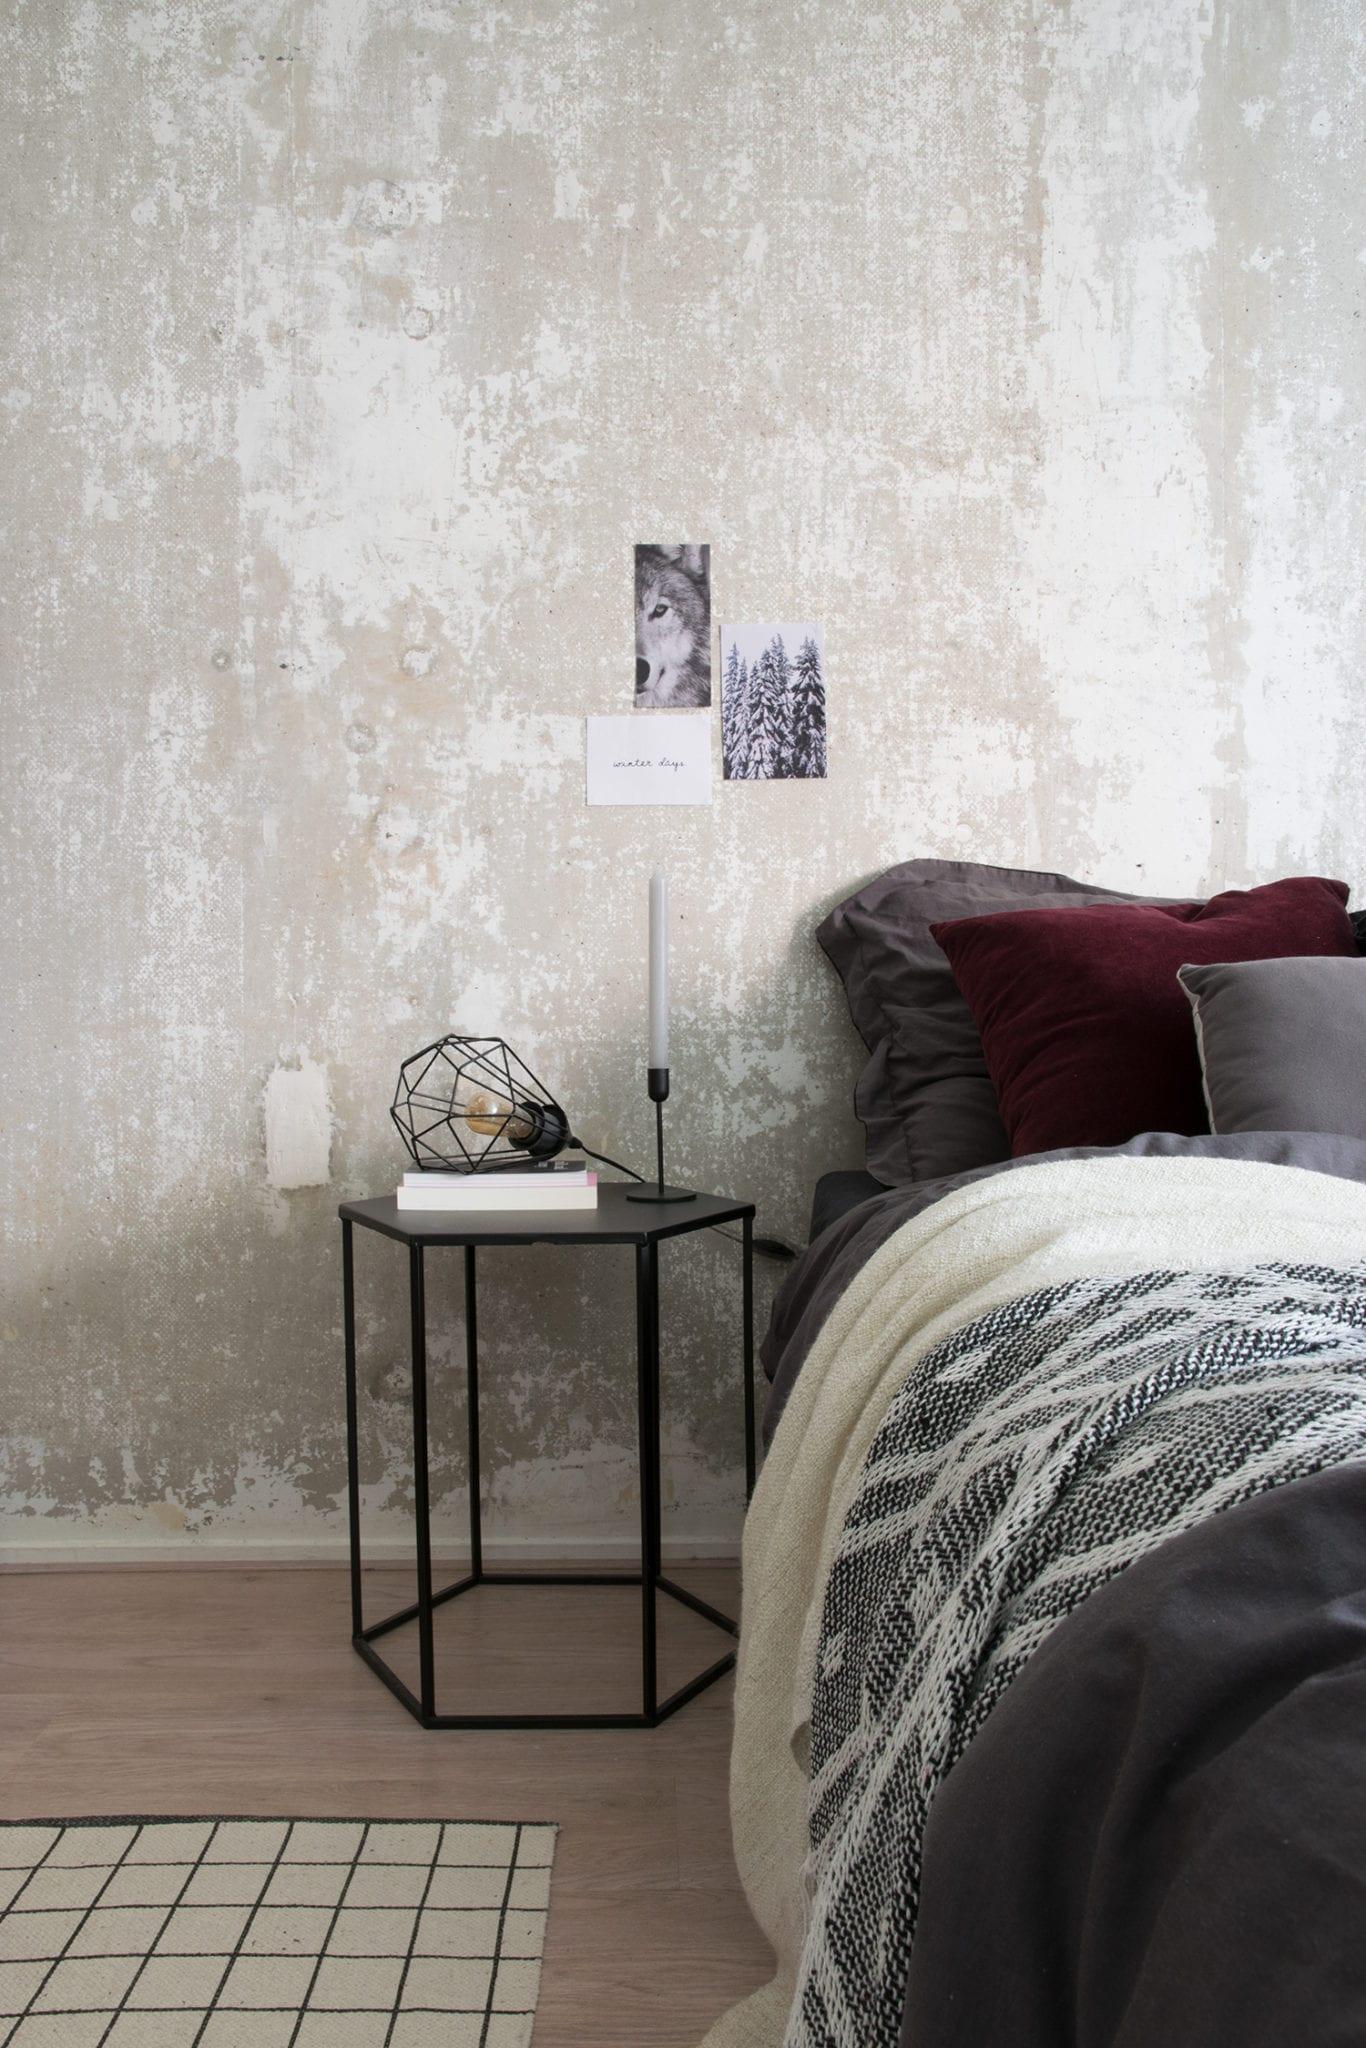 Binnenkijken bij Hilgré in Groningen - slaapkamer